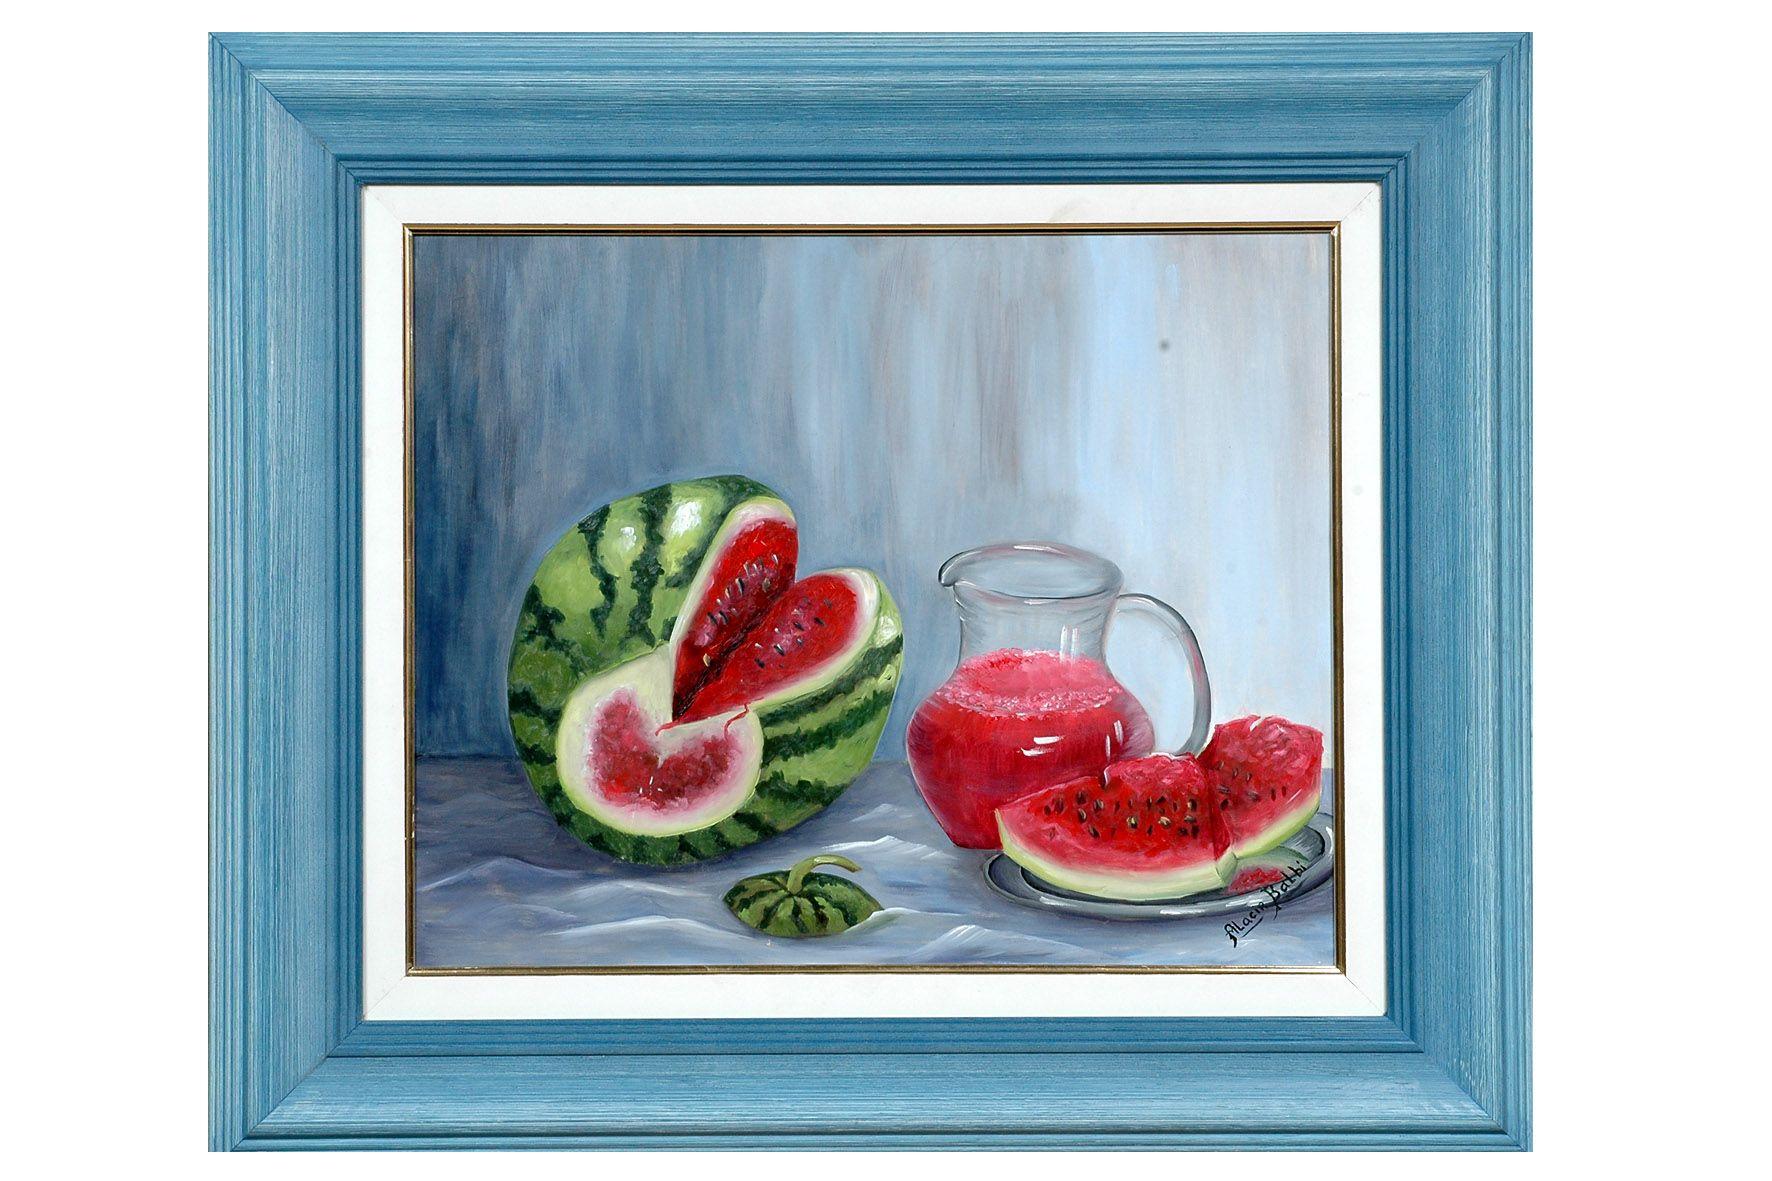 Pintura tela Melancia e suco de Alacir Balbi